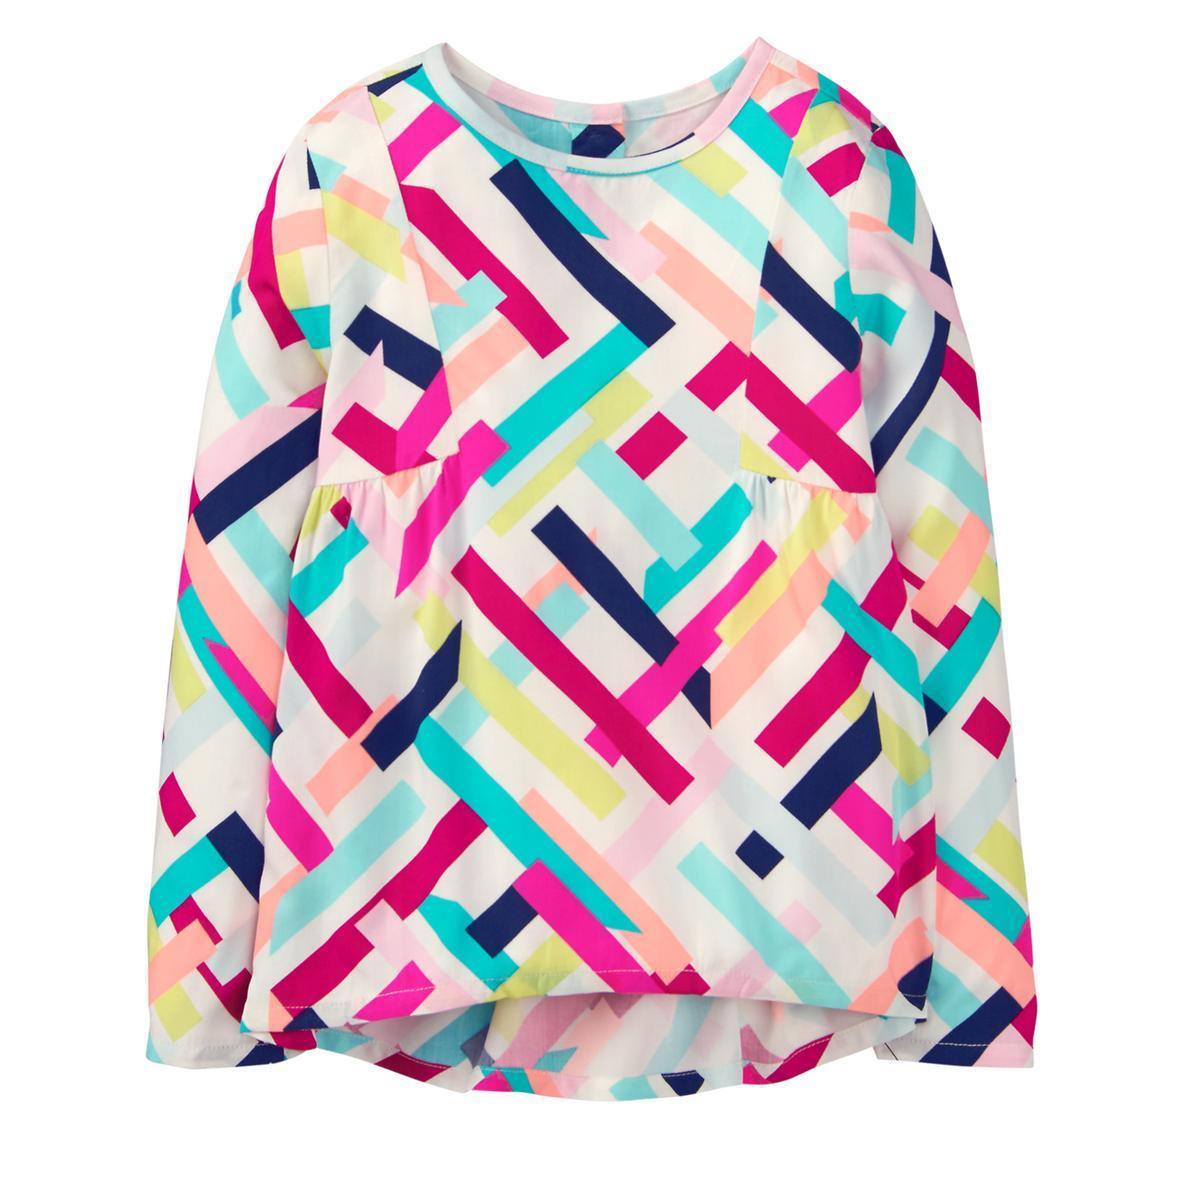 Шелковая блузка Crazy8 лонгслив реглан кофточка на 4,5,6,7,8 лет  4